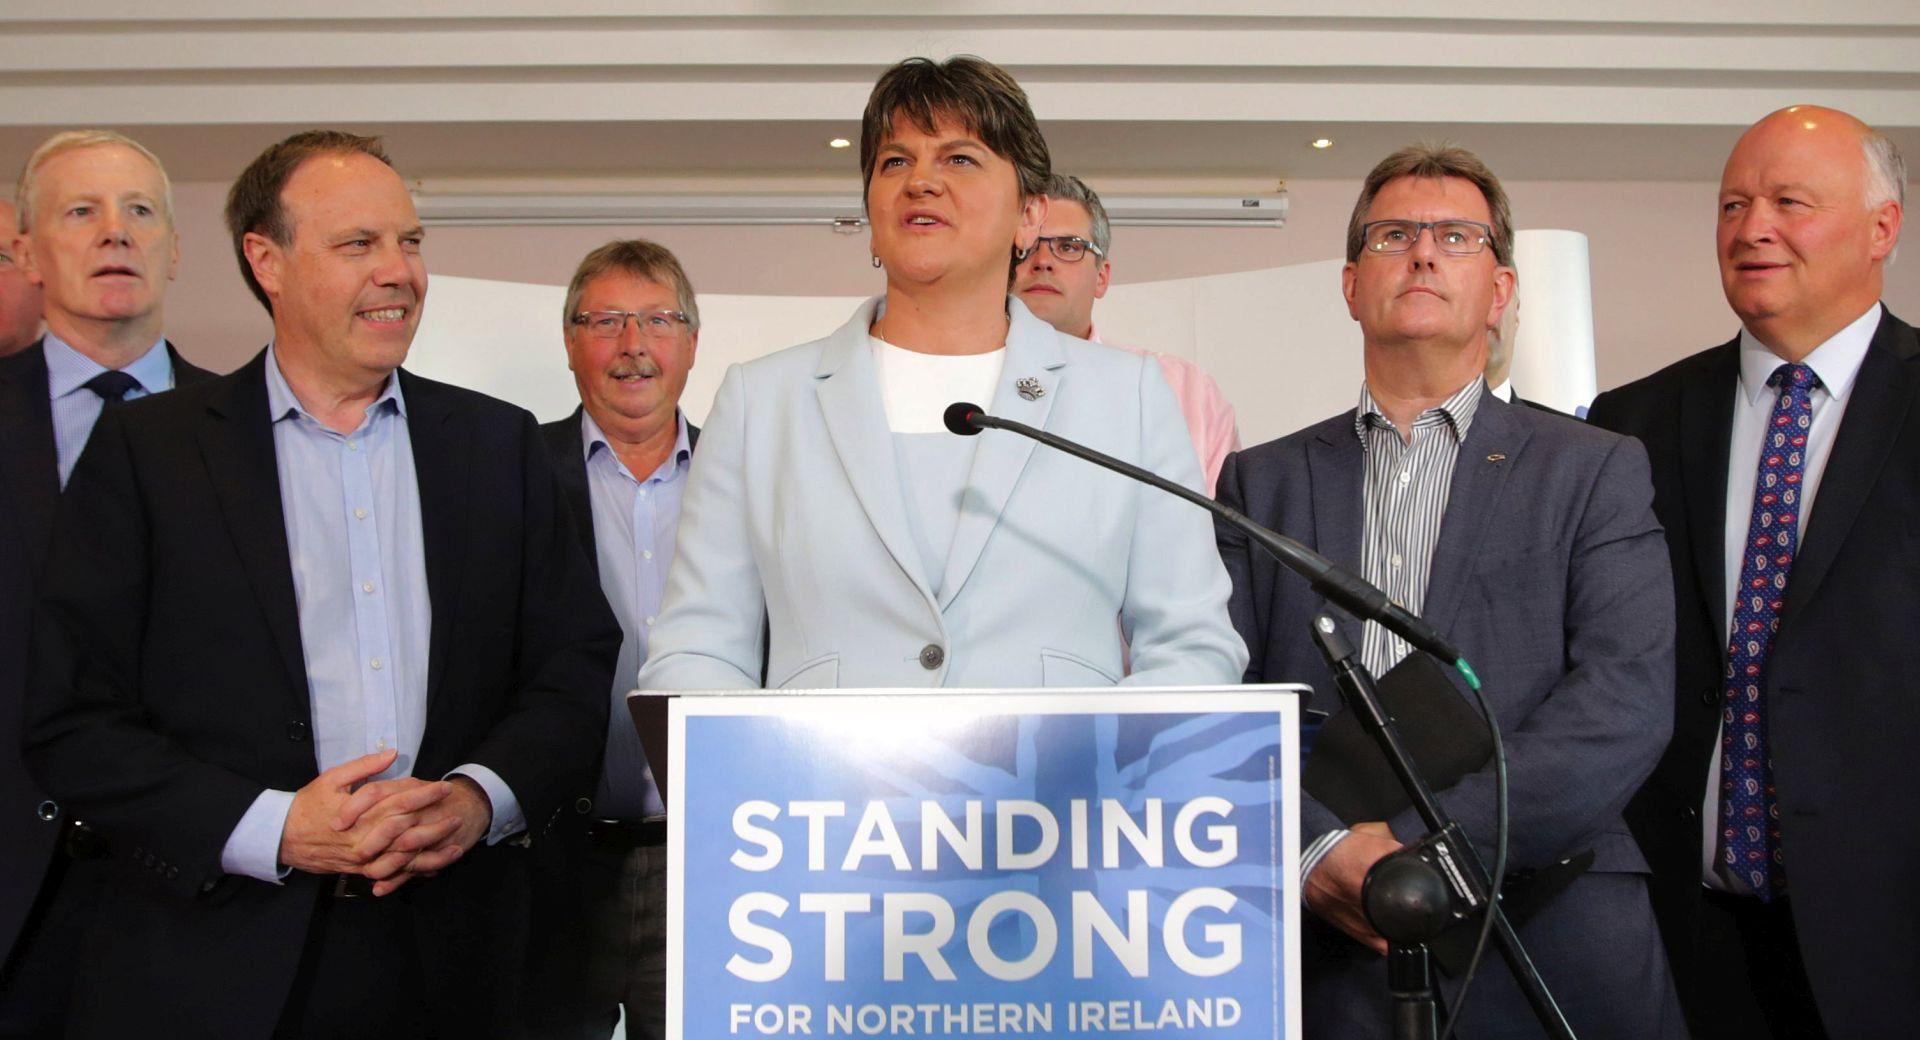 Konzervativci i DUP dogovorili suradnju ali ne i koaliciju